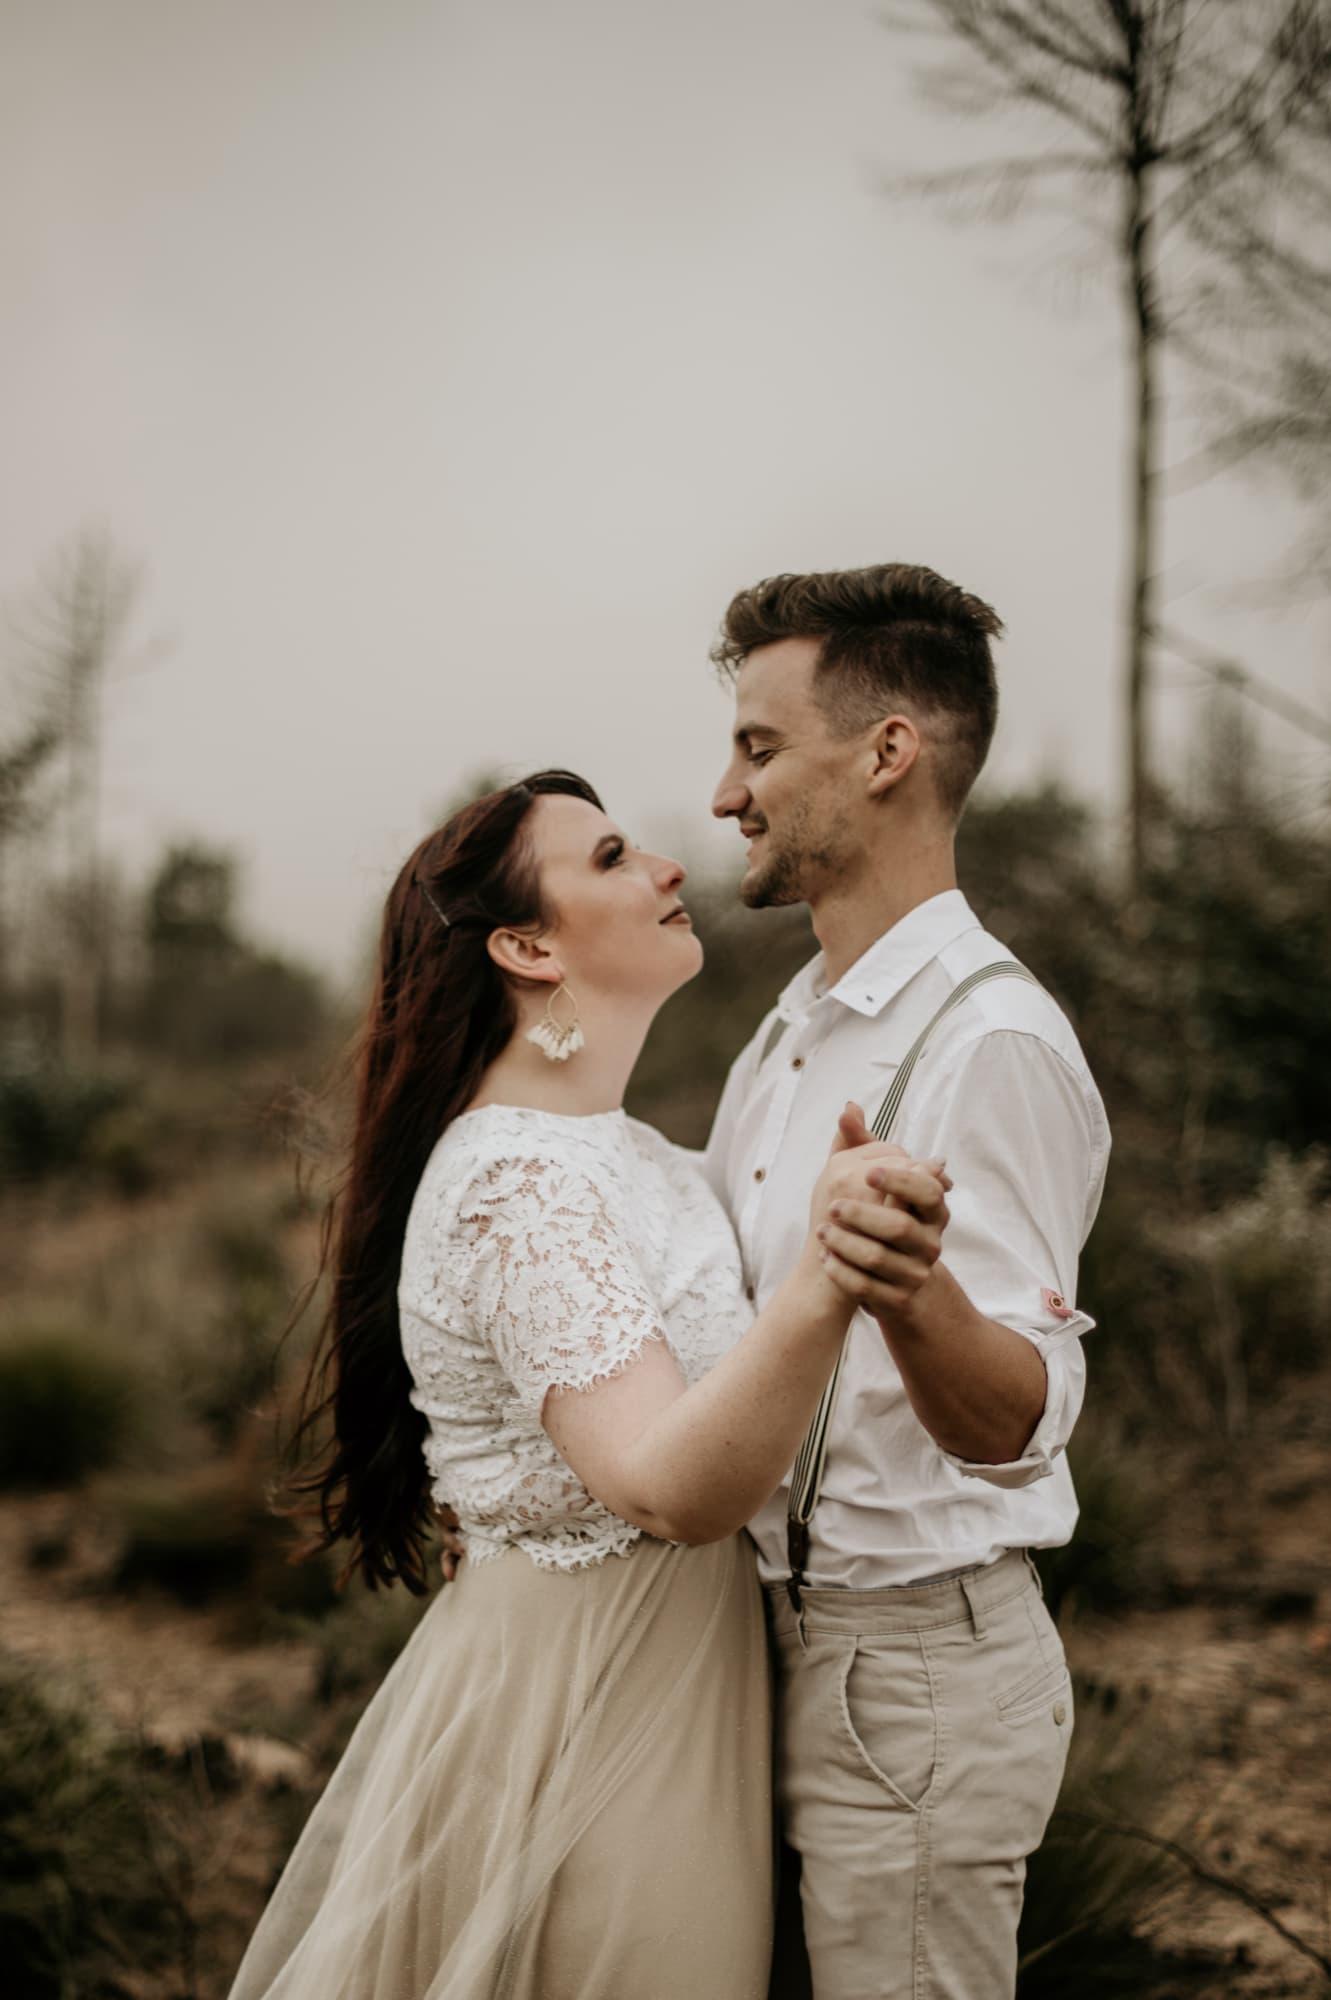 C+V-Engagement-Session-June-Richards-Photography-Destination-Weddings-Elopements-Garden-Route-03